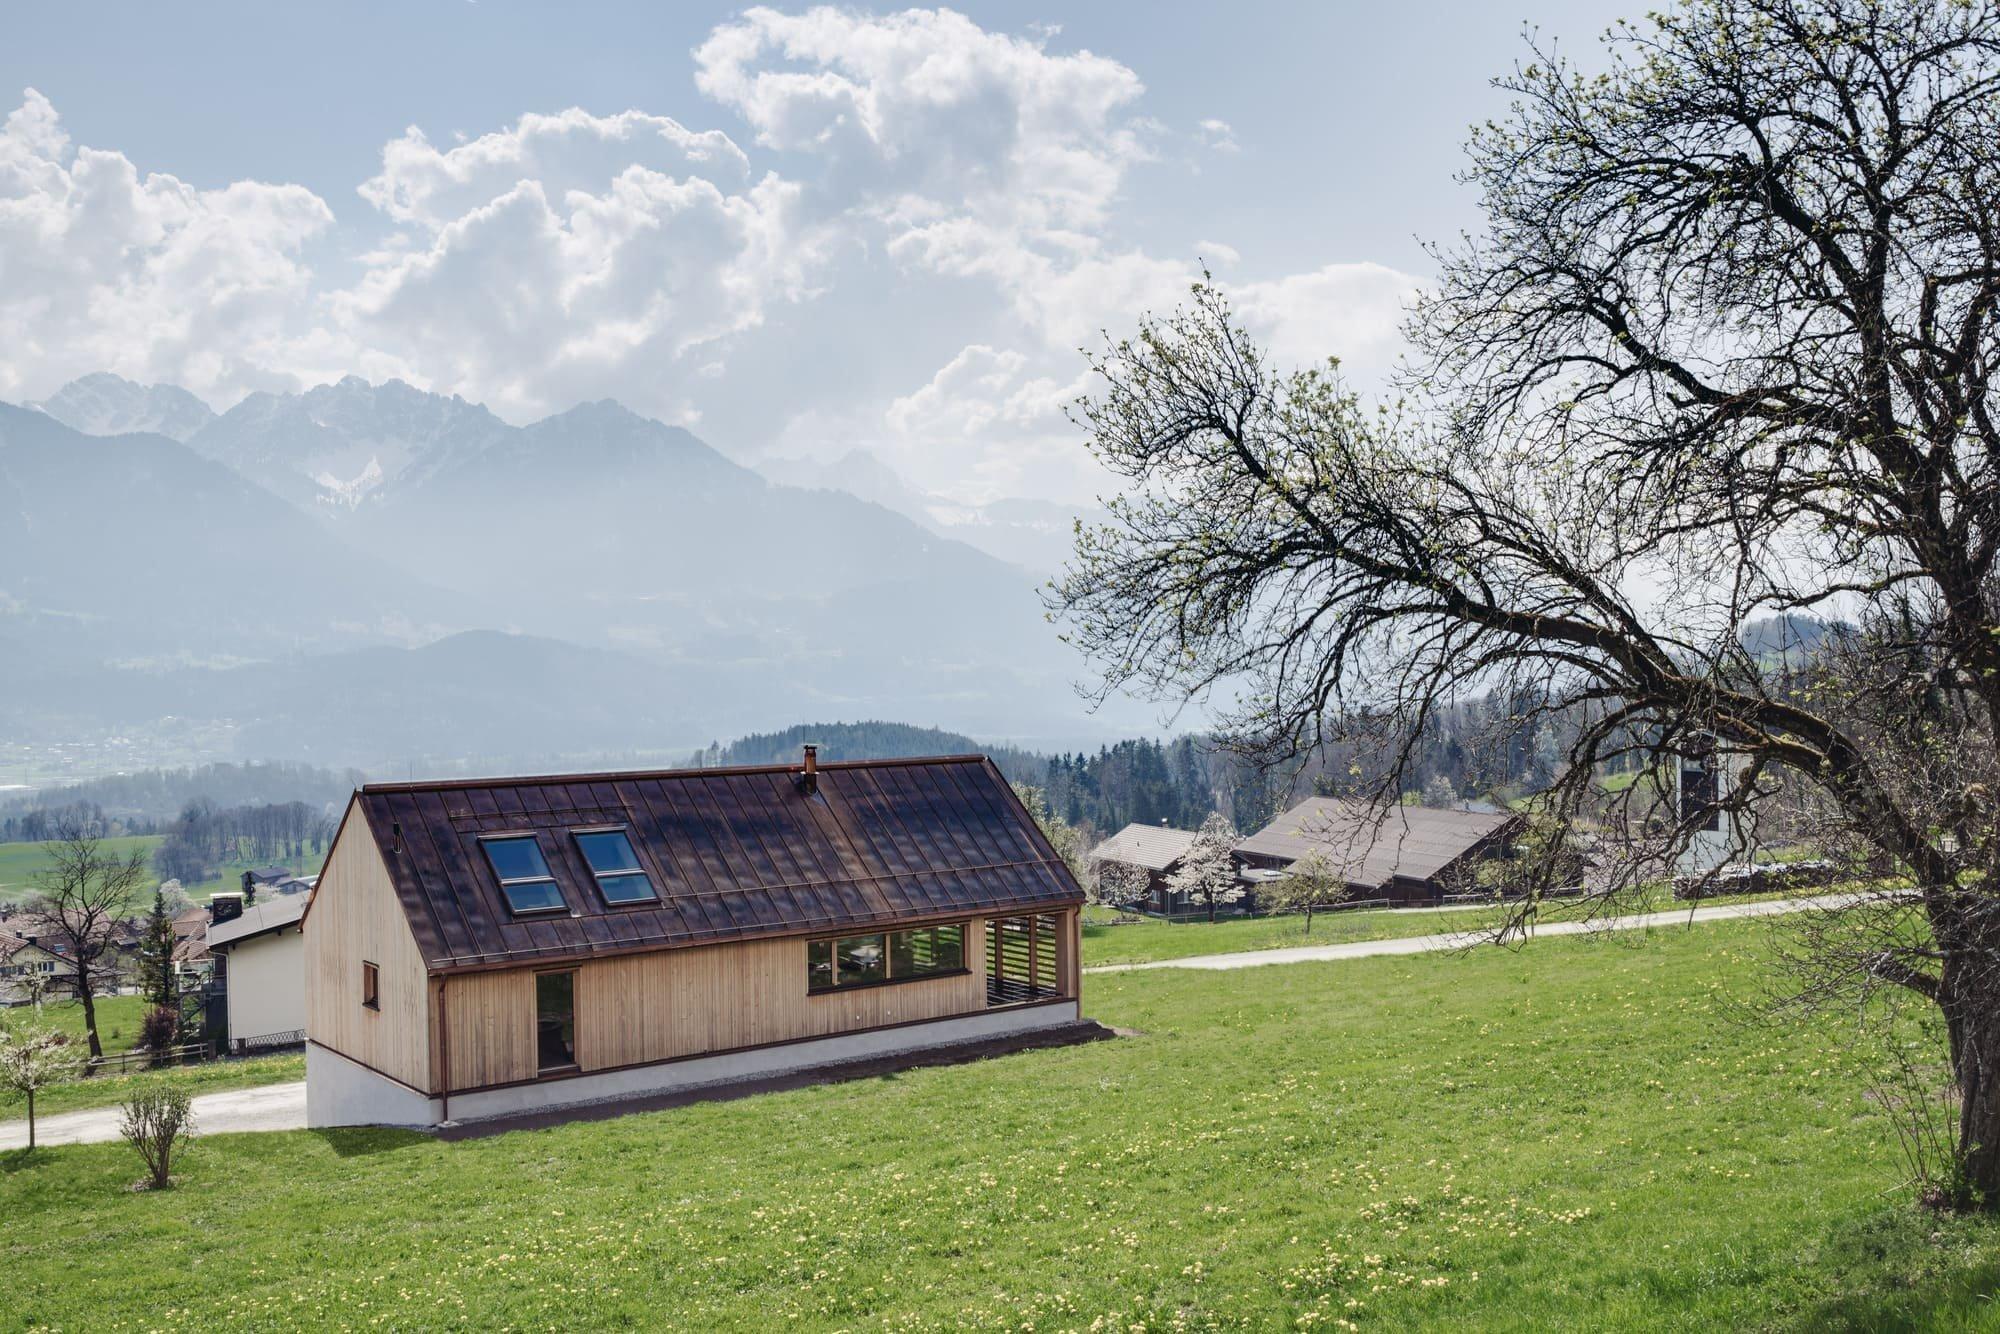 O tom, že se dají s grácií spojit náročné požadavky na komfortní bydlení s respektem k historii regionu, svědčí působivá dřevostavba v jedné z malebných rakouských obcí. Ač může na první pohled vypadat jednoduše, je pro řadu snílků o tom pravém bydlení, splněným snem.